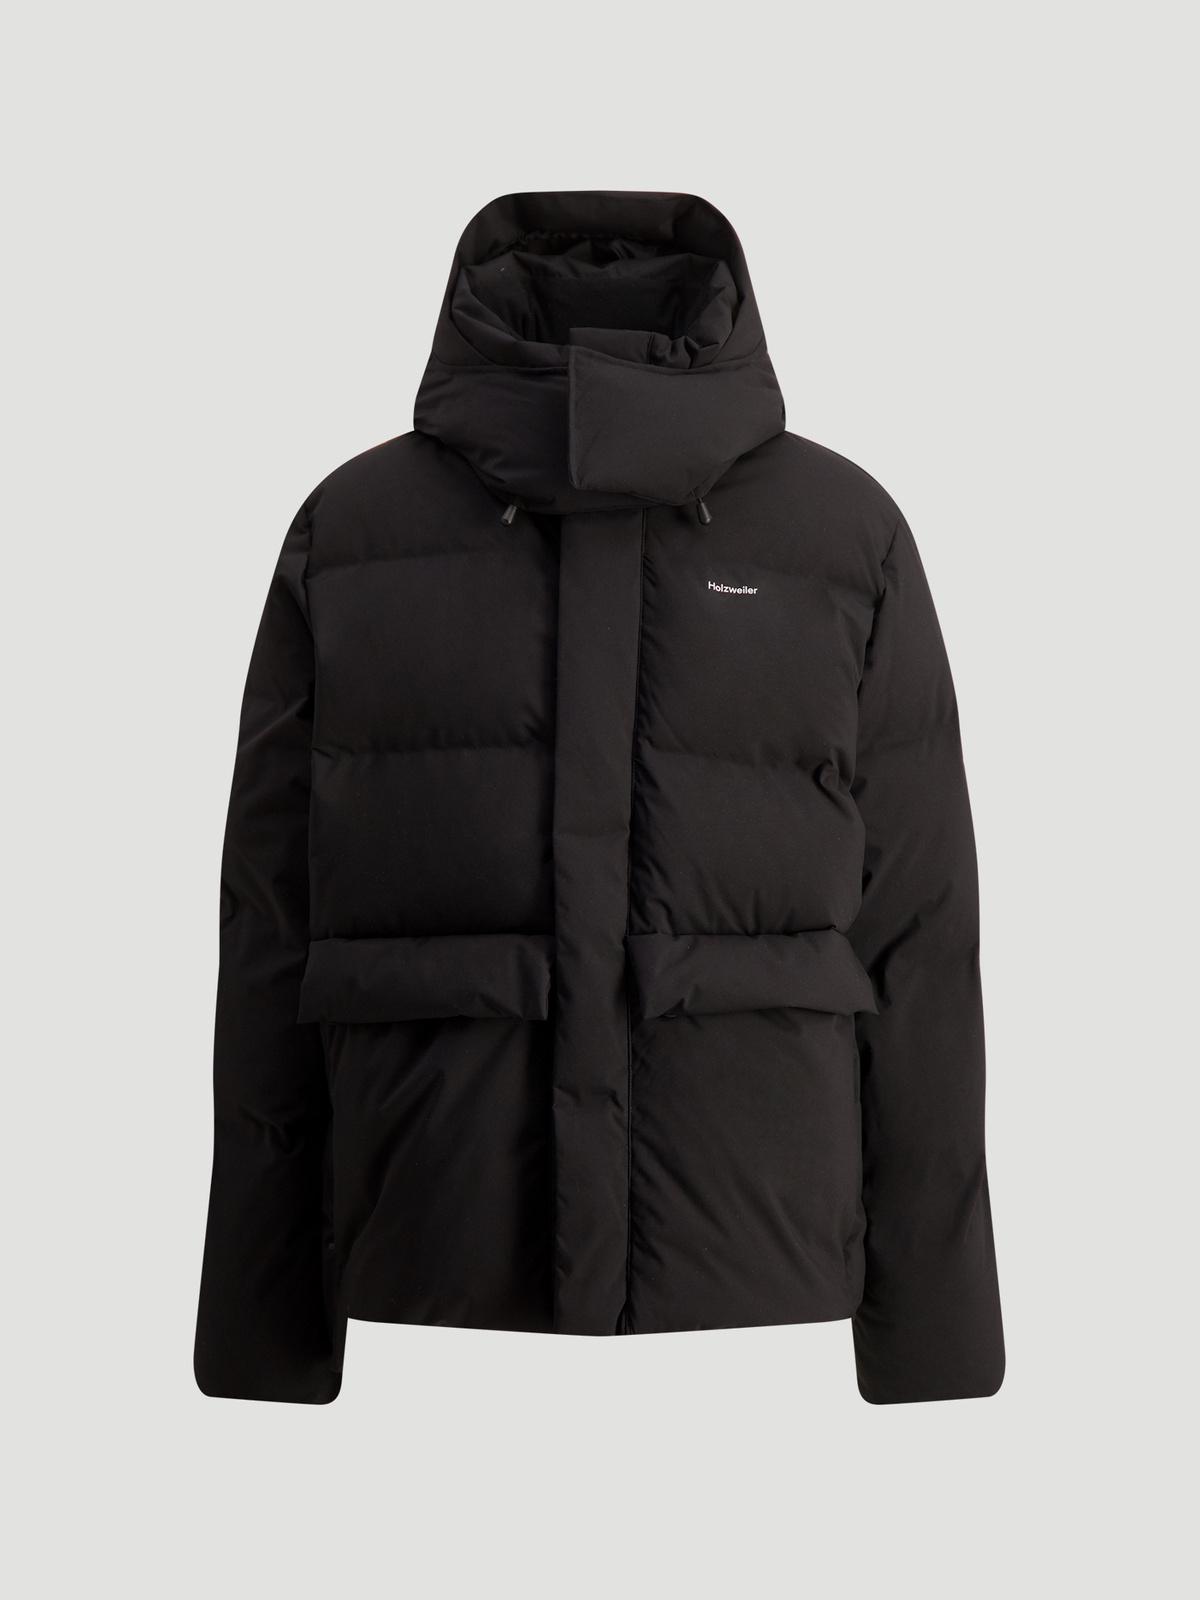 Dovre Down Jacket Black 5